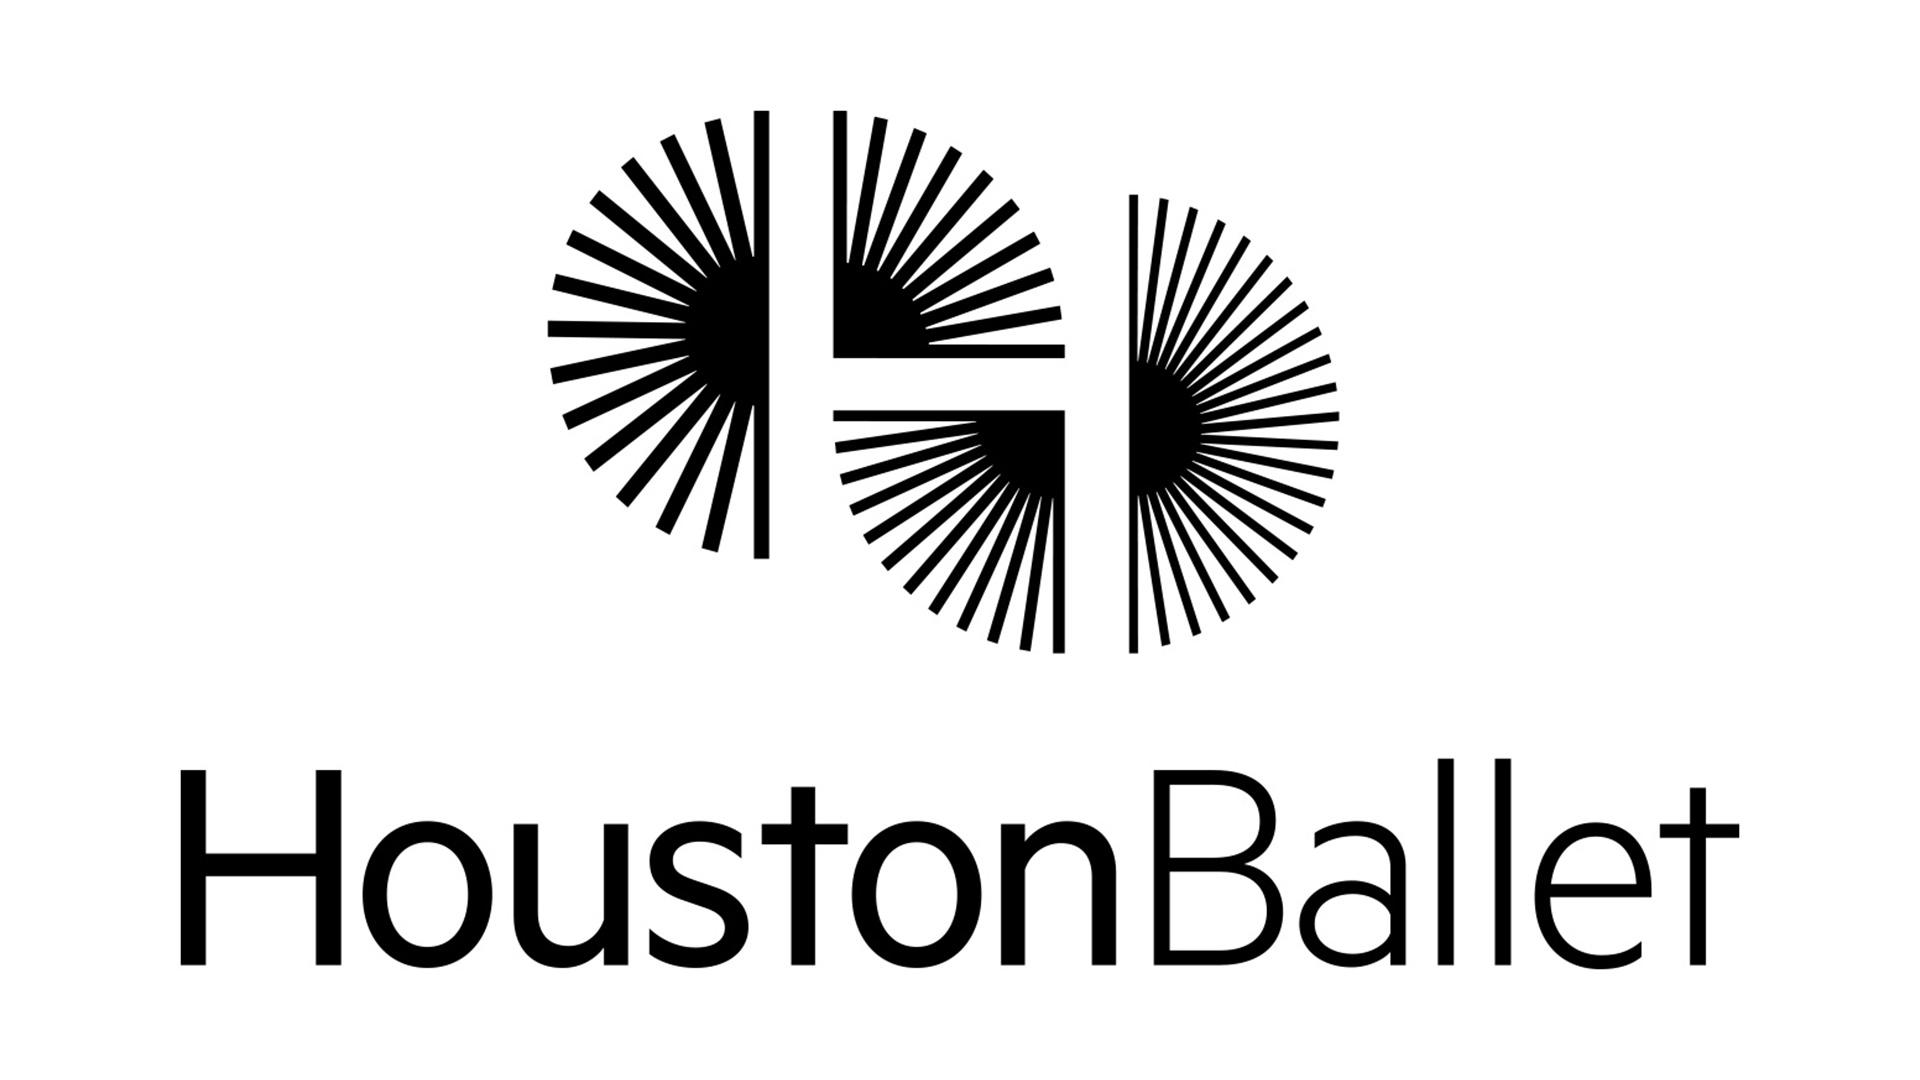 Houston Ballet_logo_1920x1080